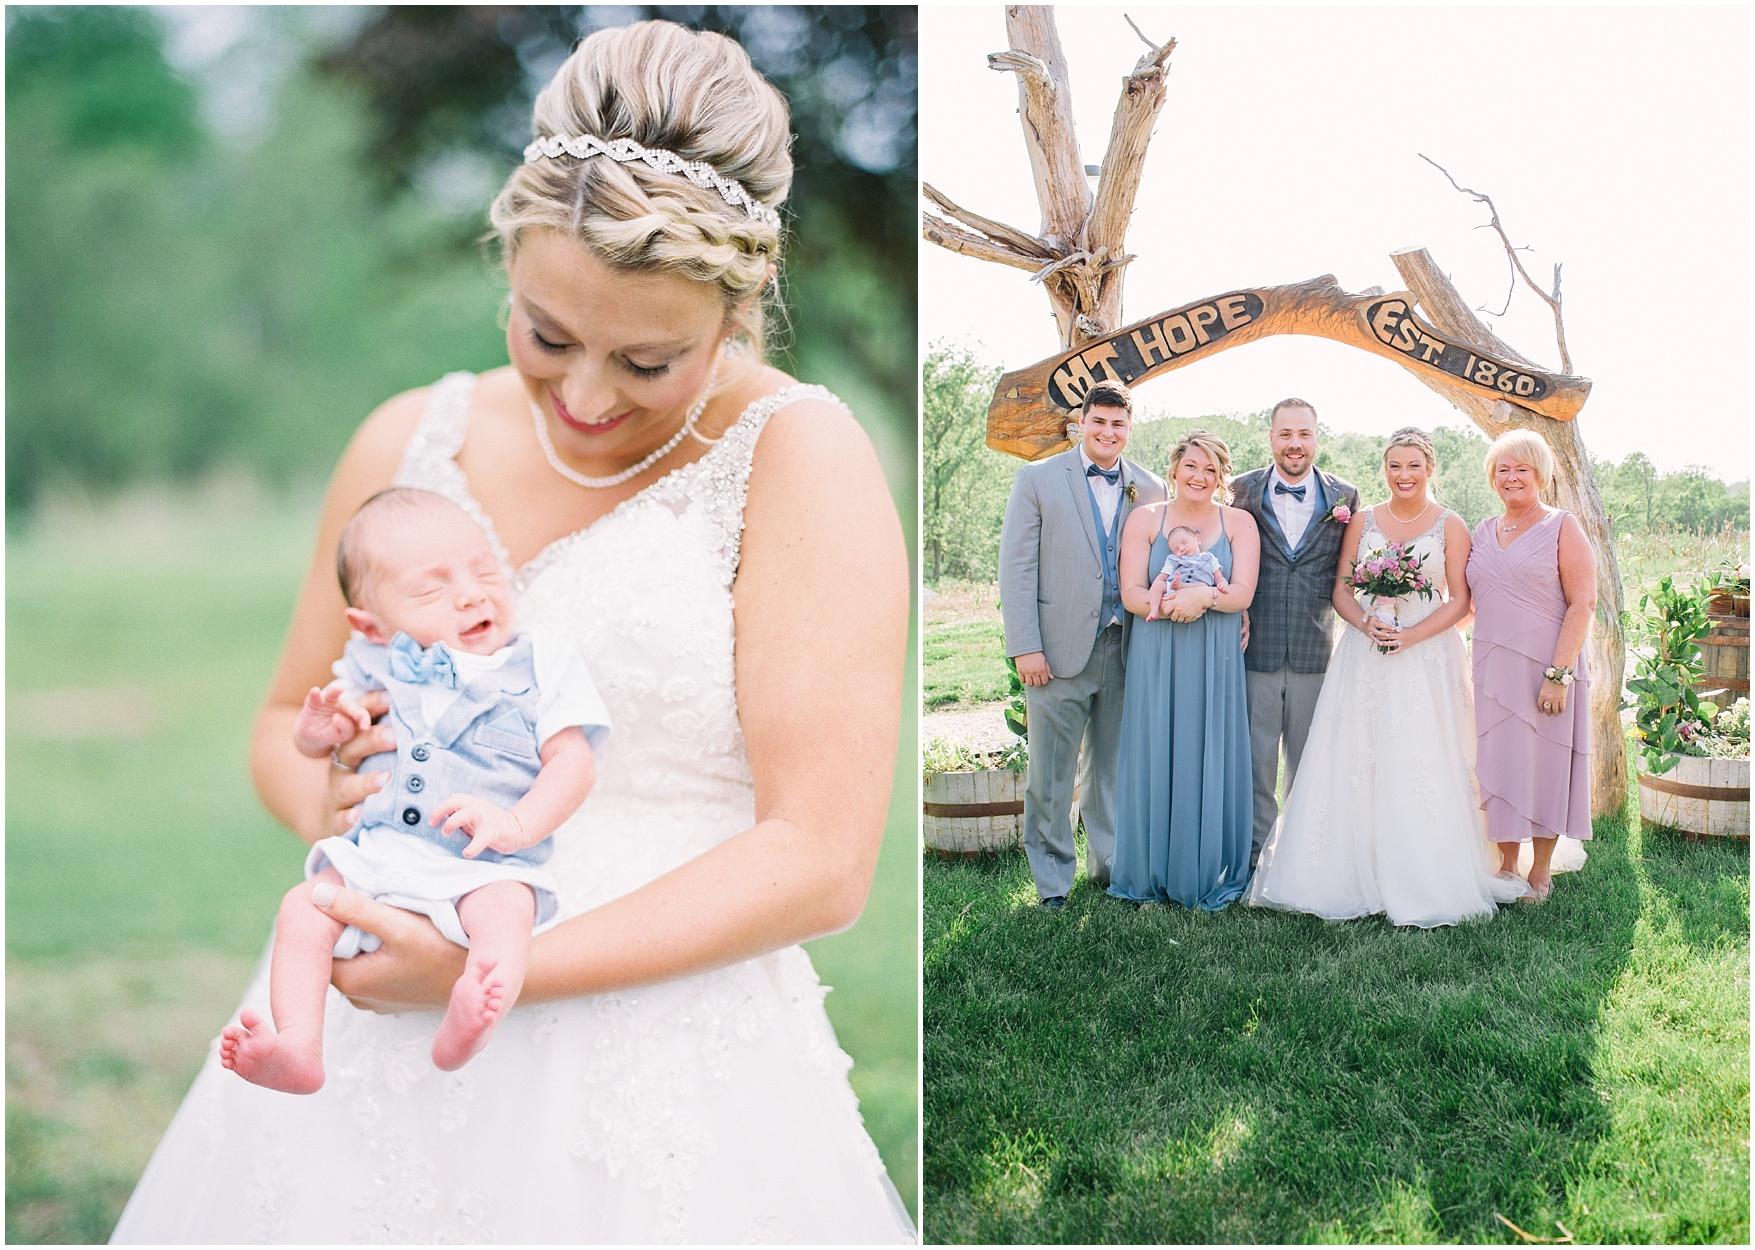 wedding photography st louis_lauren muckler photography_film photographer_film wedding_0371.jpg